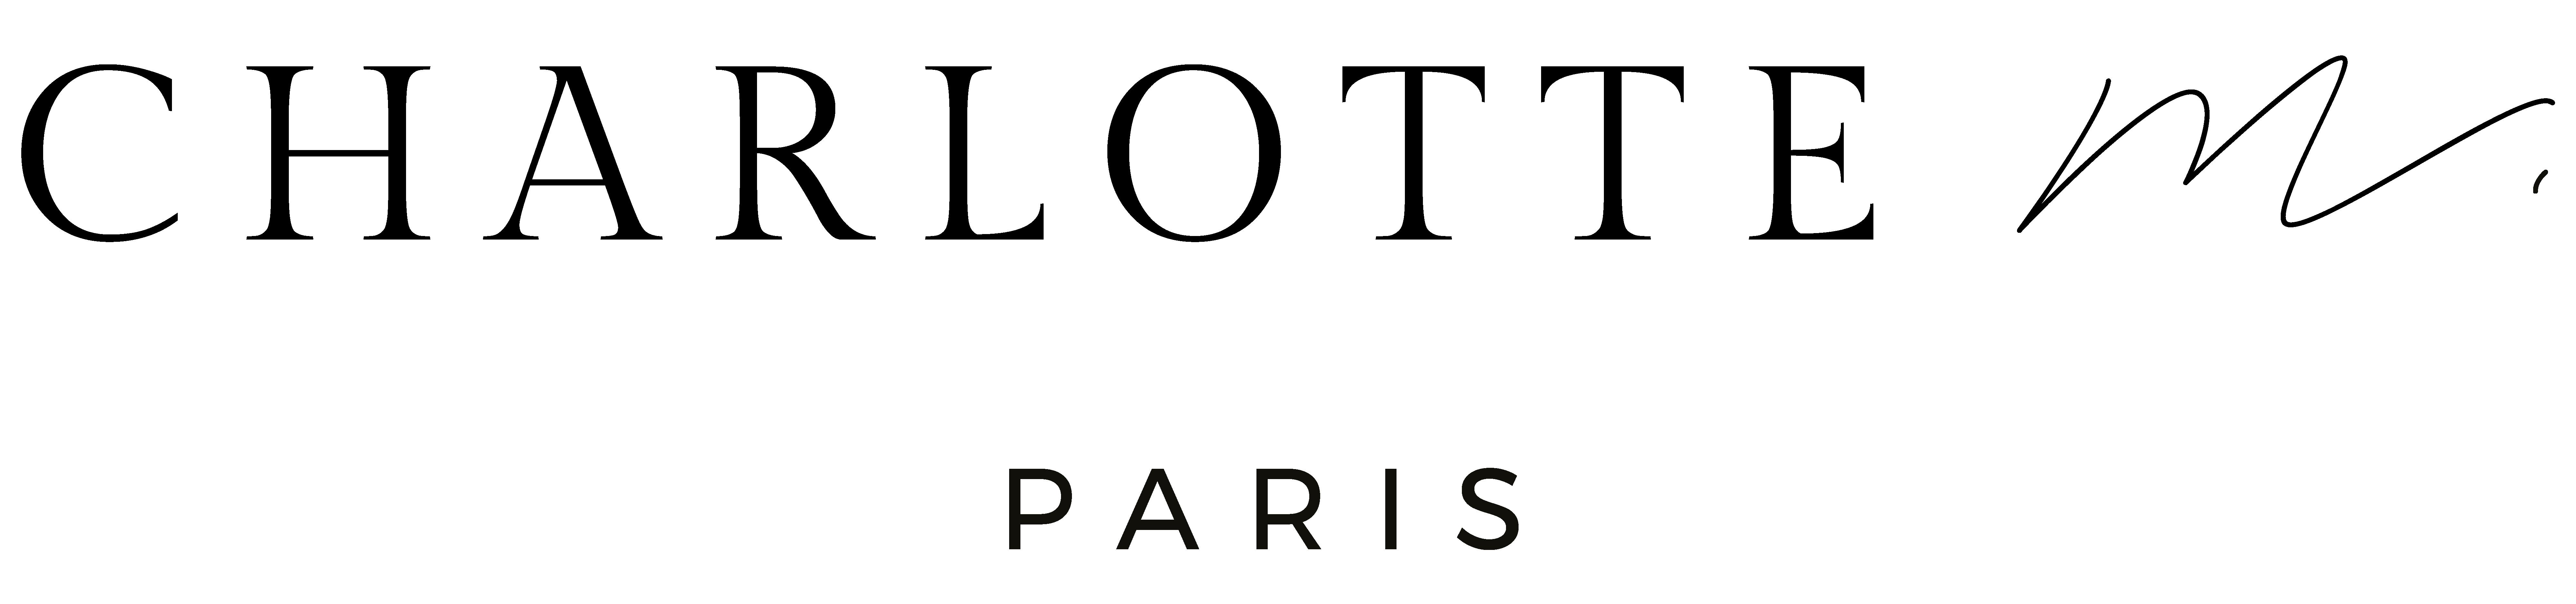 Conseil en Image & Personal Branding à Paris - Charlotte m